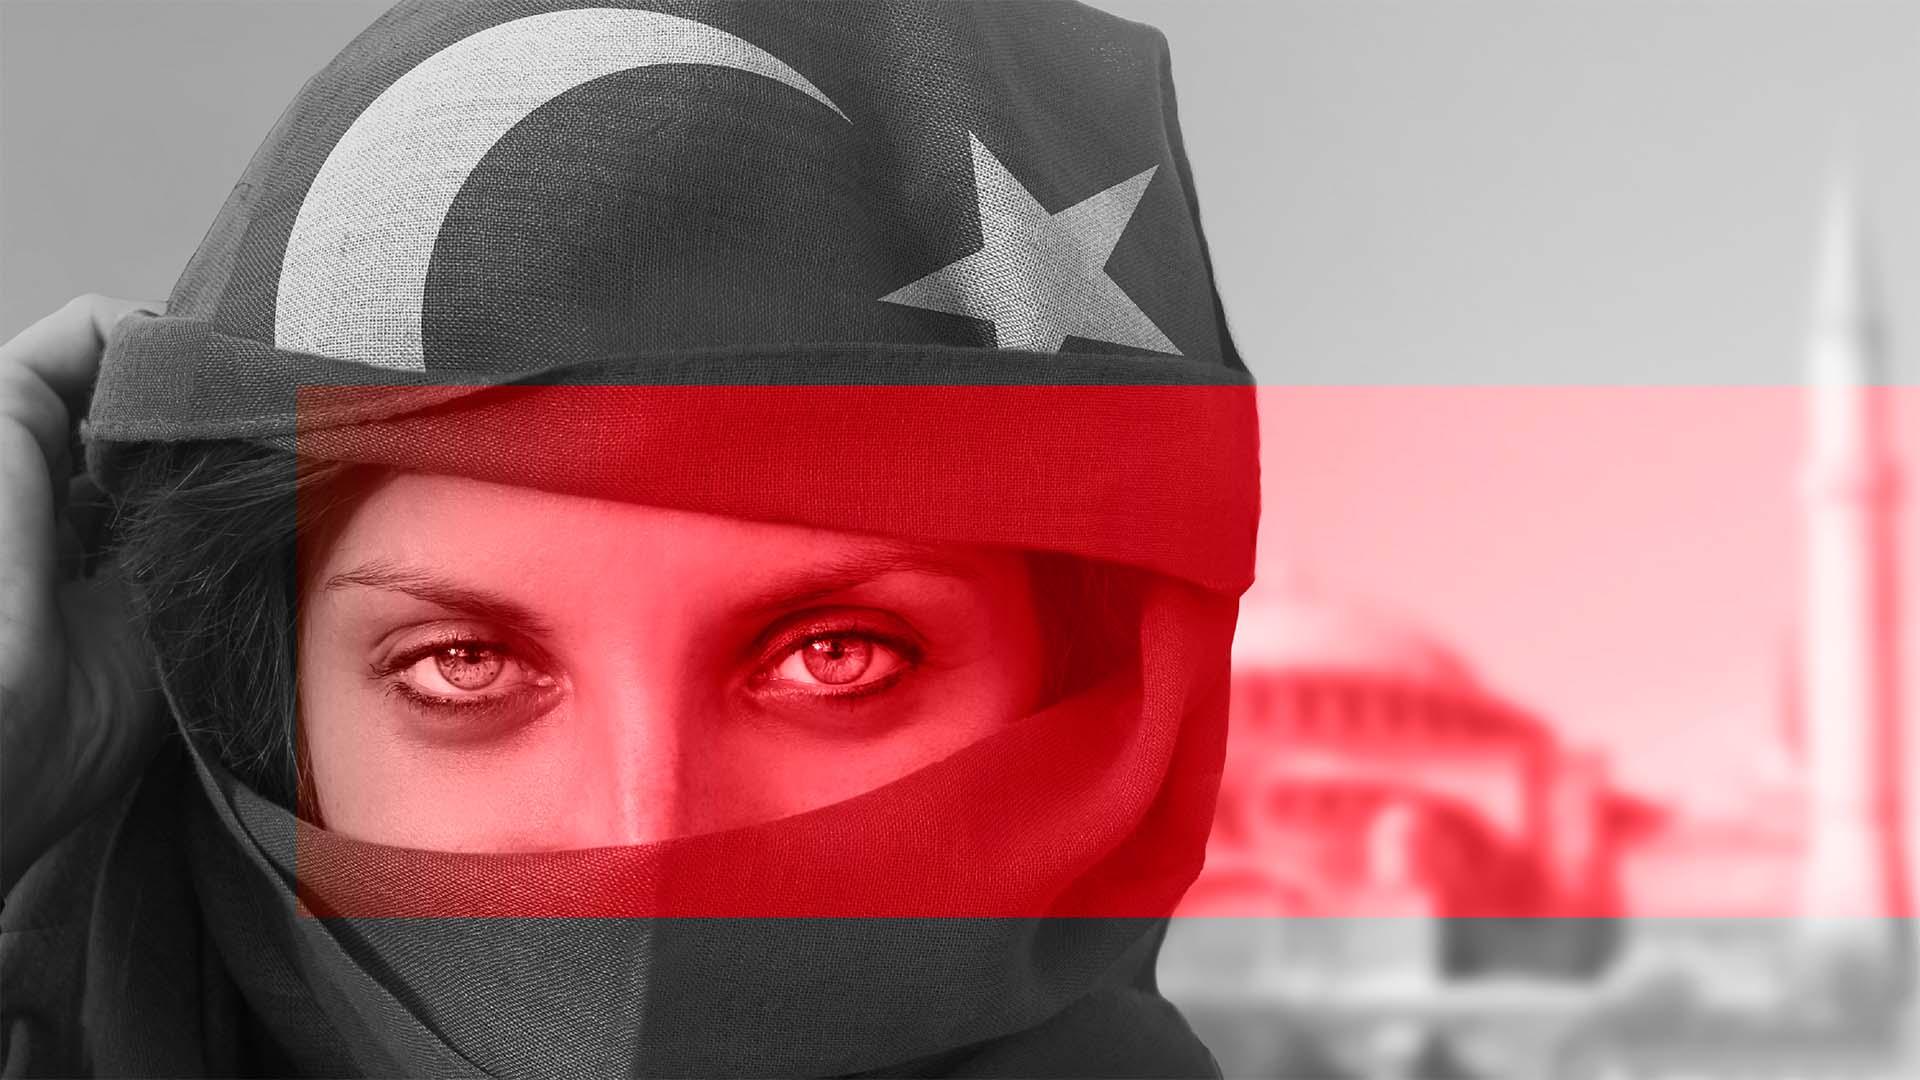 El miedo a los musulmanes, por Elías Pino Iturrieta